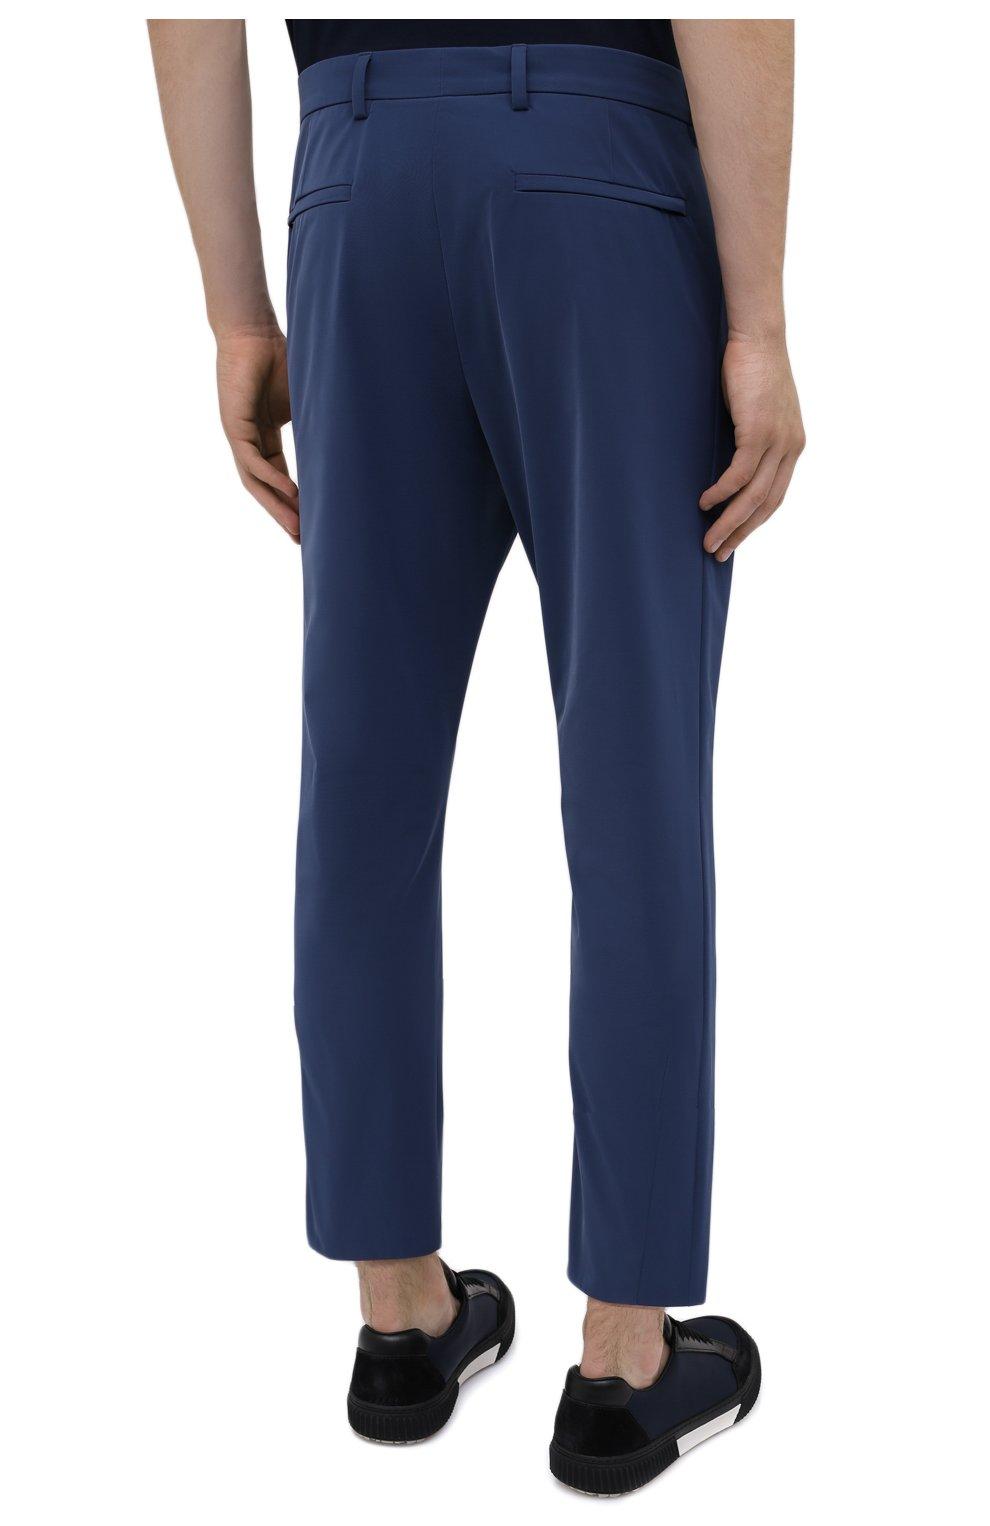 Мужские брюки PRADA синего цвета, арт. SPF94-1KJW-F0YNV-191   Фото 4 (Длина (брюки, джинсы): Стандартные; Случай: Повседневный; Материал внешний: Синтетический материал; Стили: Кэжуэл)